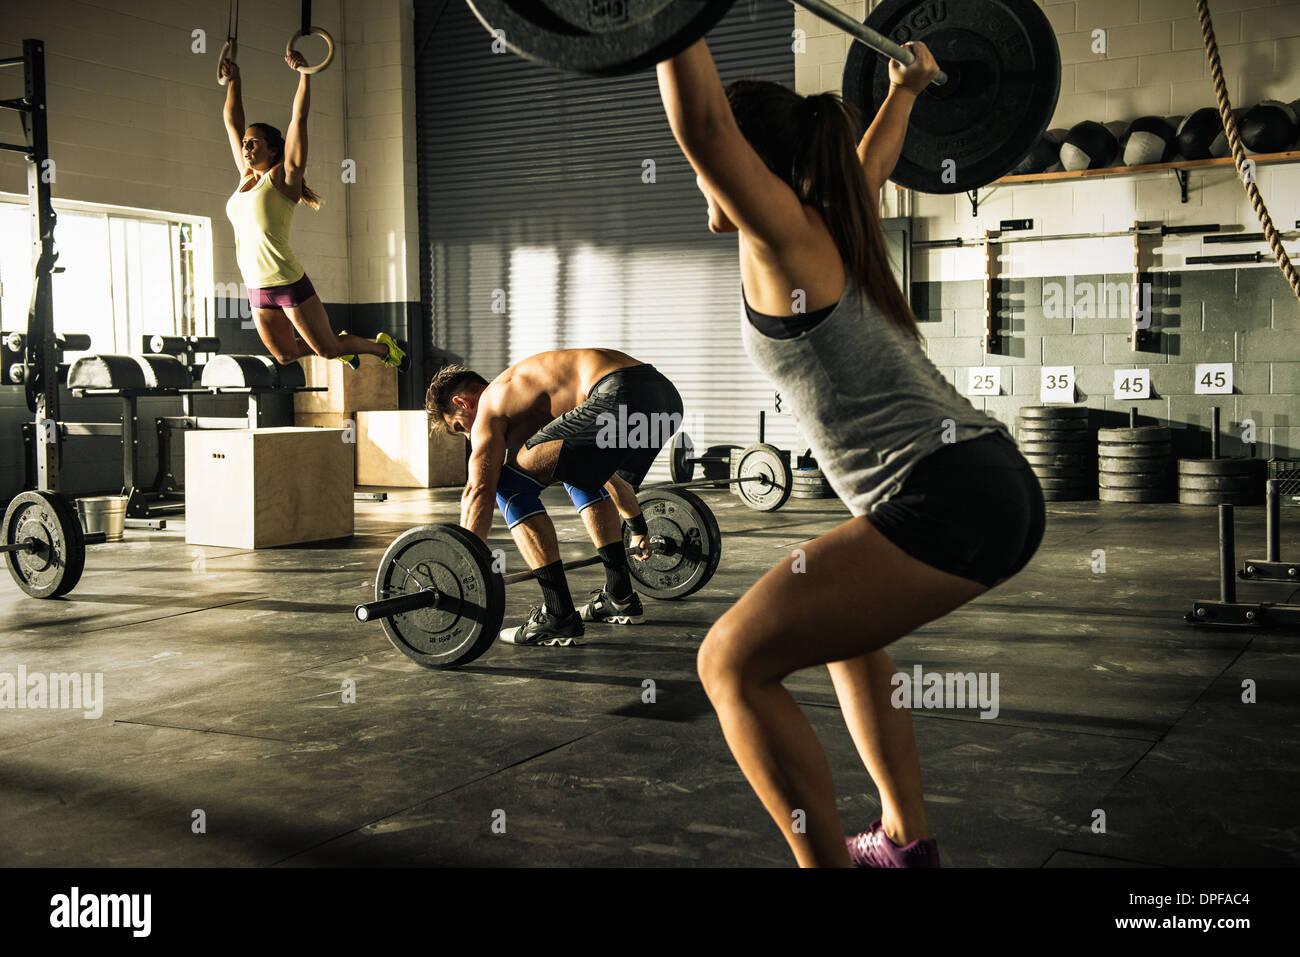 Menschen, die training mit Hanteln und Gymnasium Ringe Stockfoto